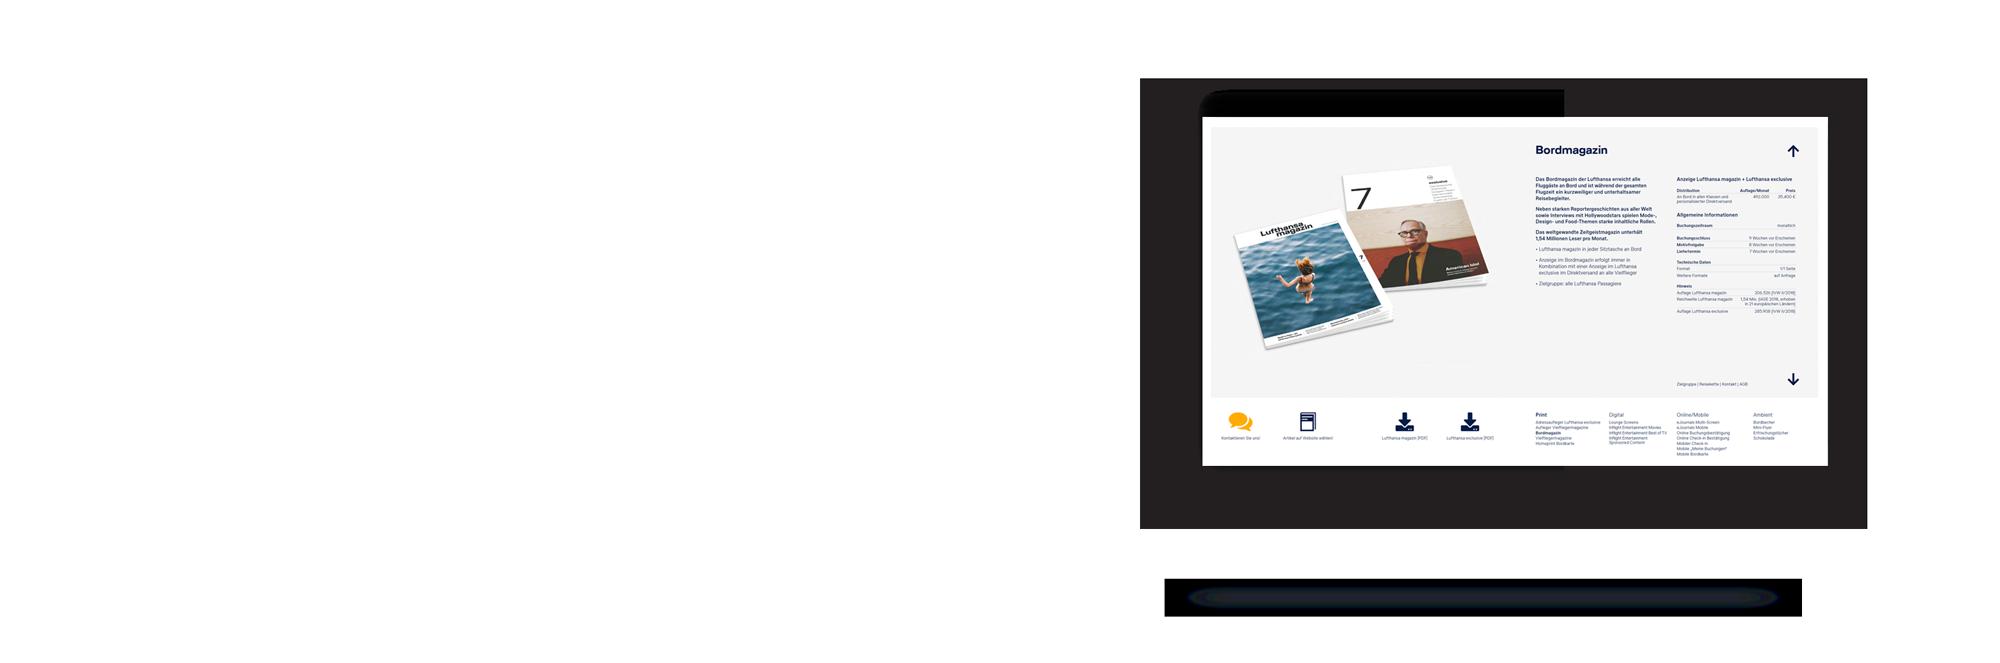 Für Lufthansa Ambient Media konzipiert und realisiert REINGOLD die komplette Werbung.